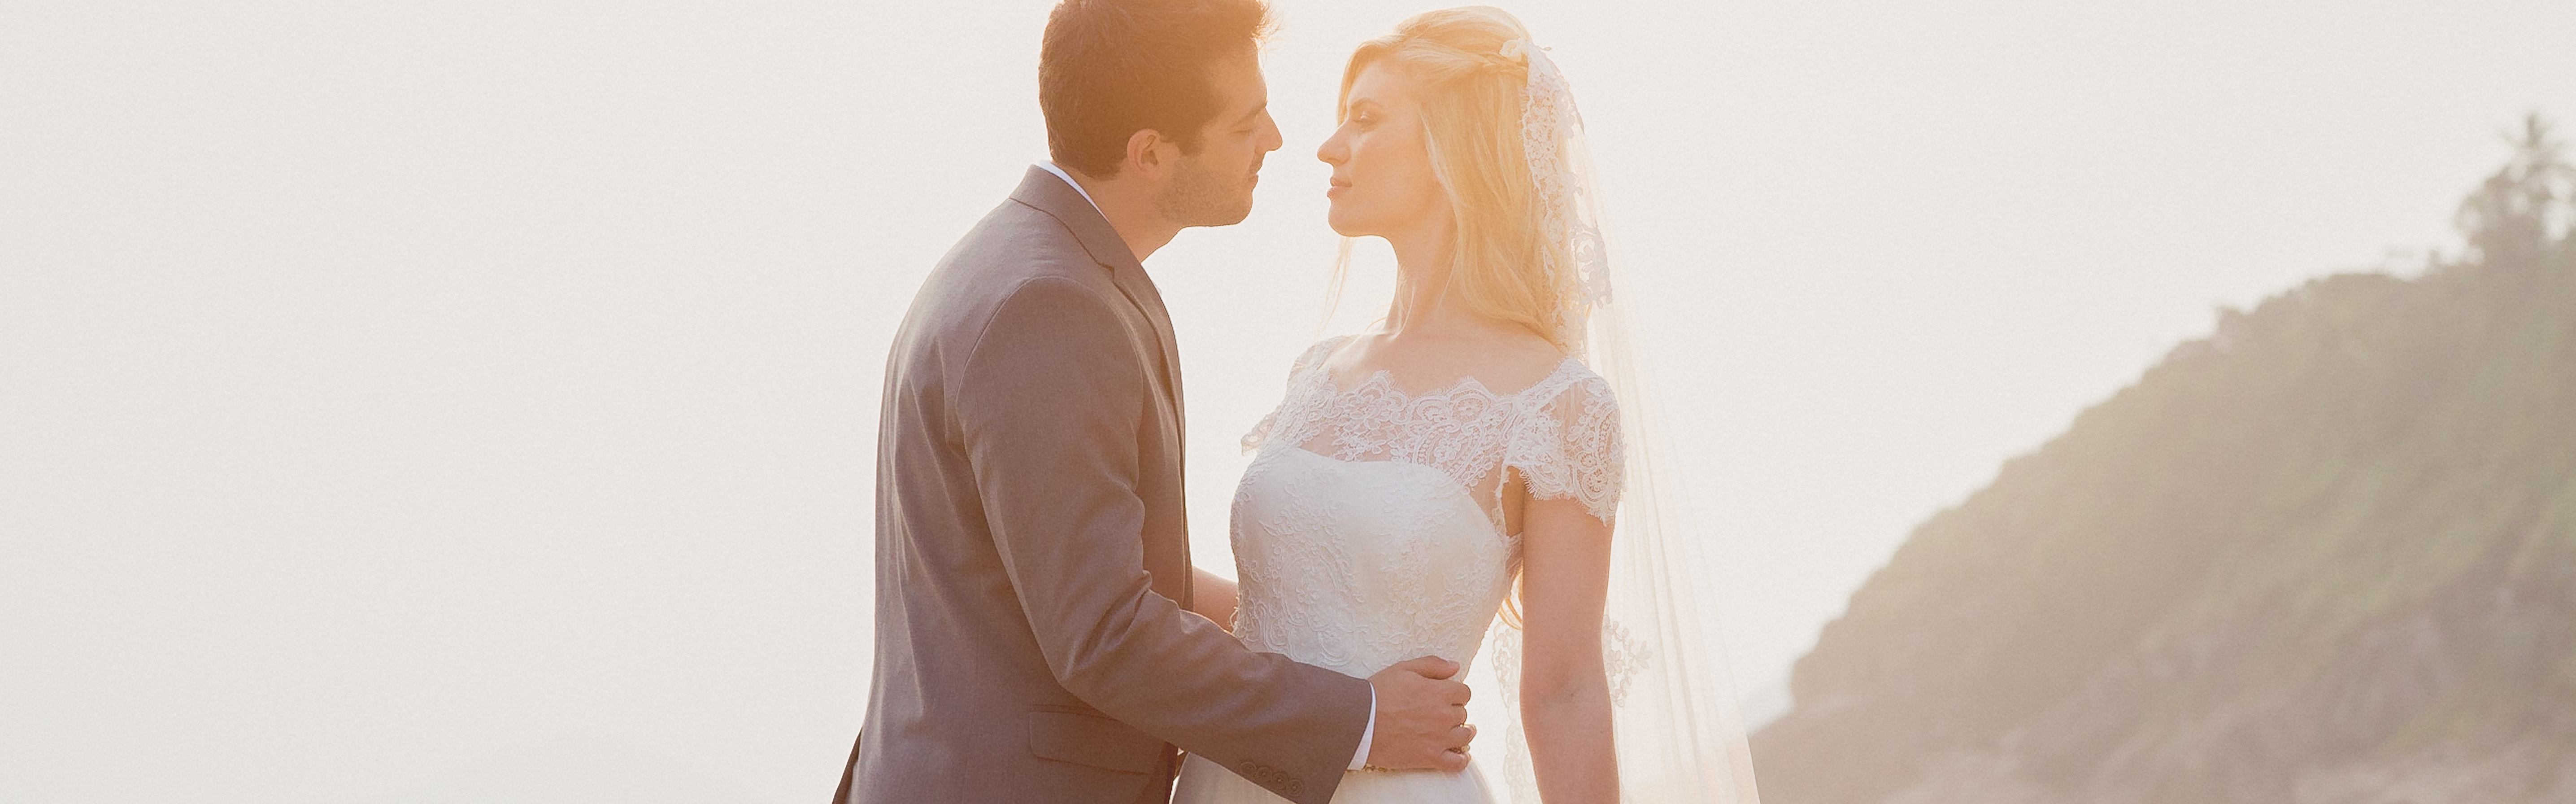 Sobre Blessends foto e filme - foto e filmagem para casamento